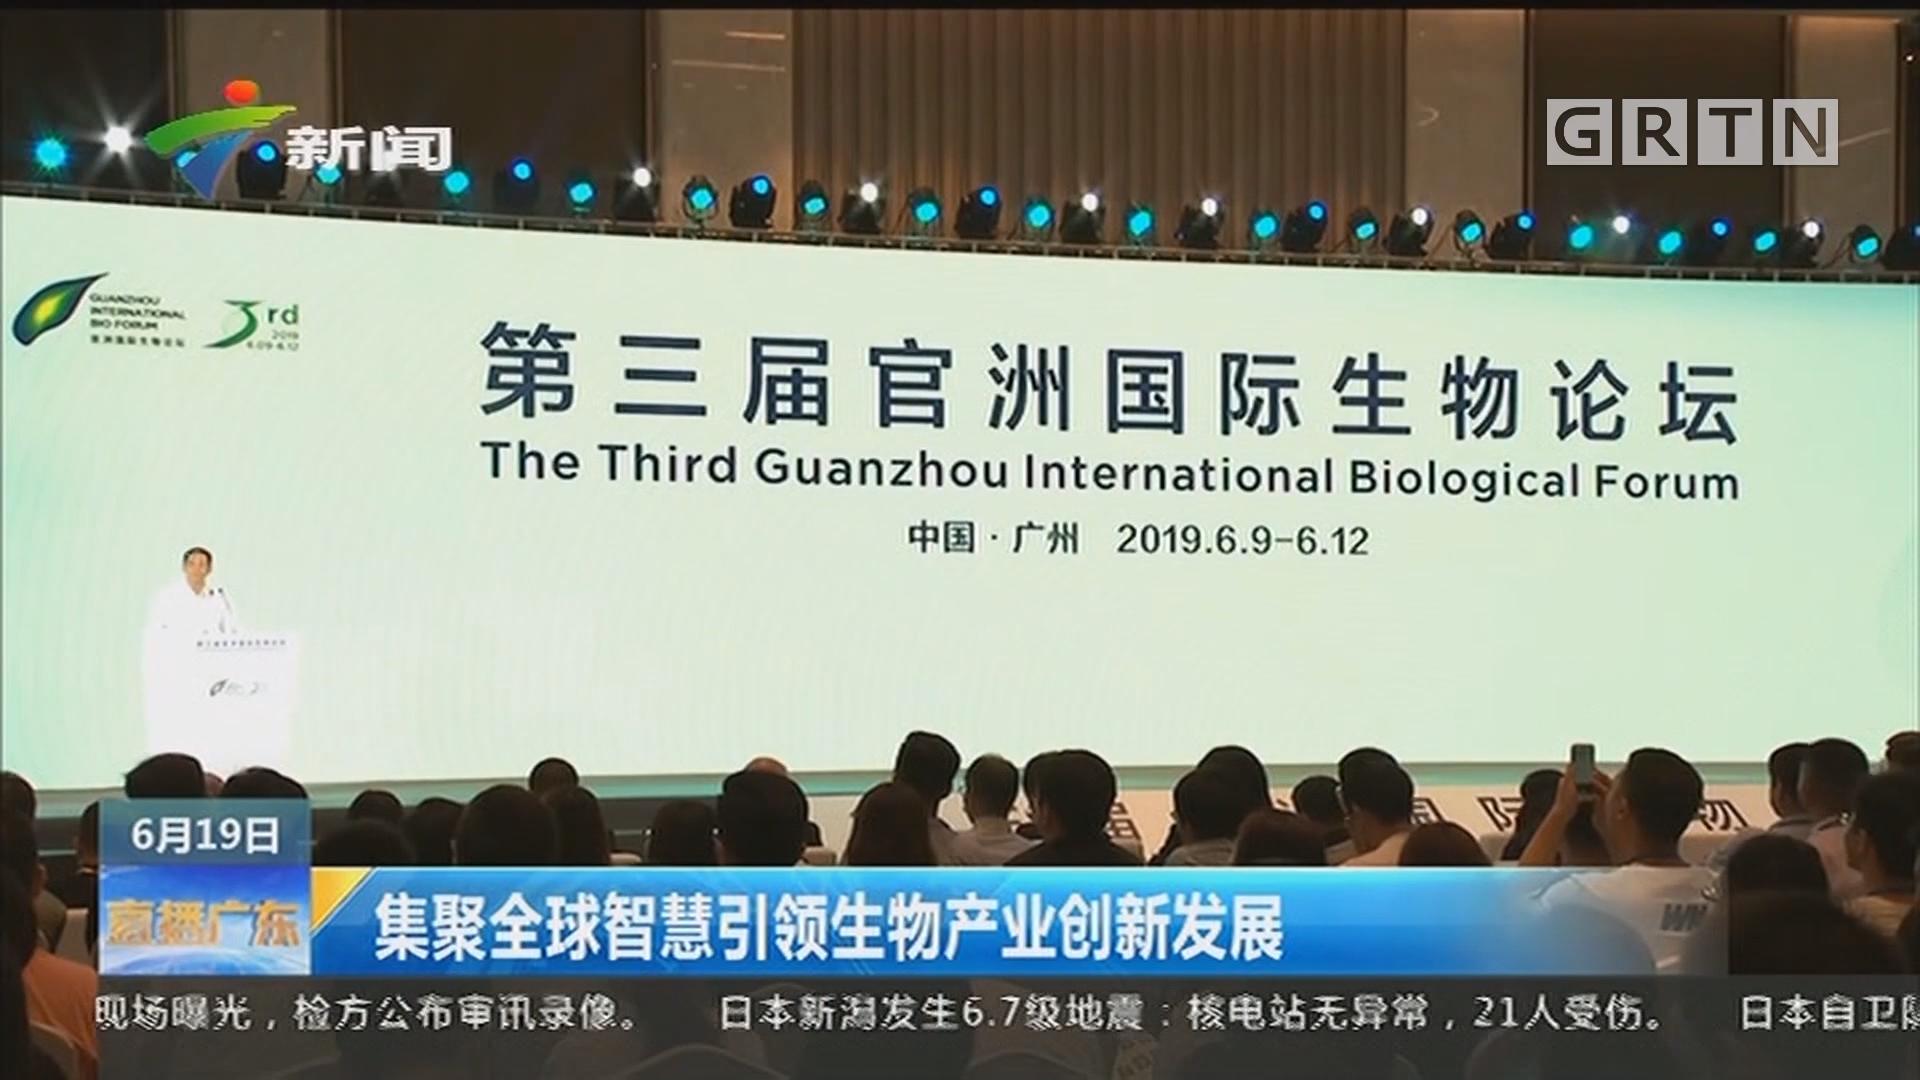 集聚全球智慧引领生物产业创新发展